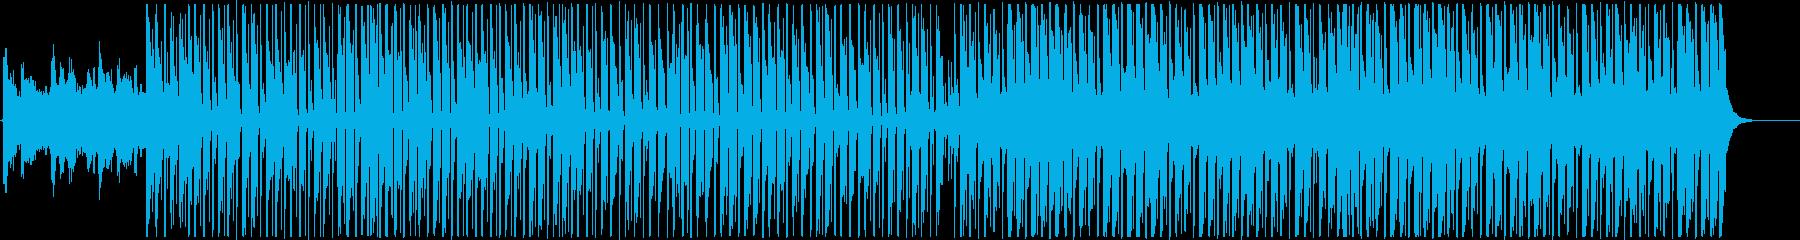 甘く切ないダンスホールレゲエ の再生済みの波形